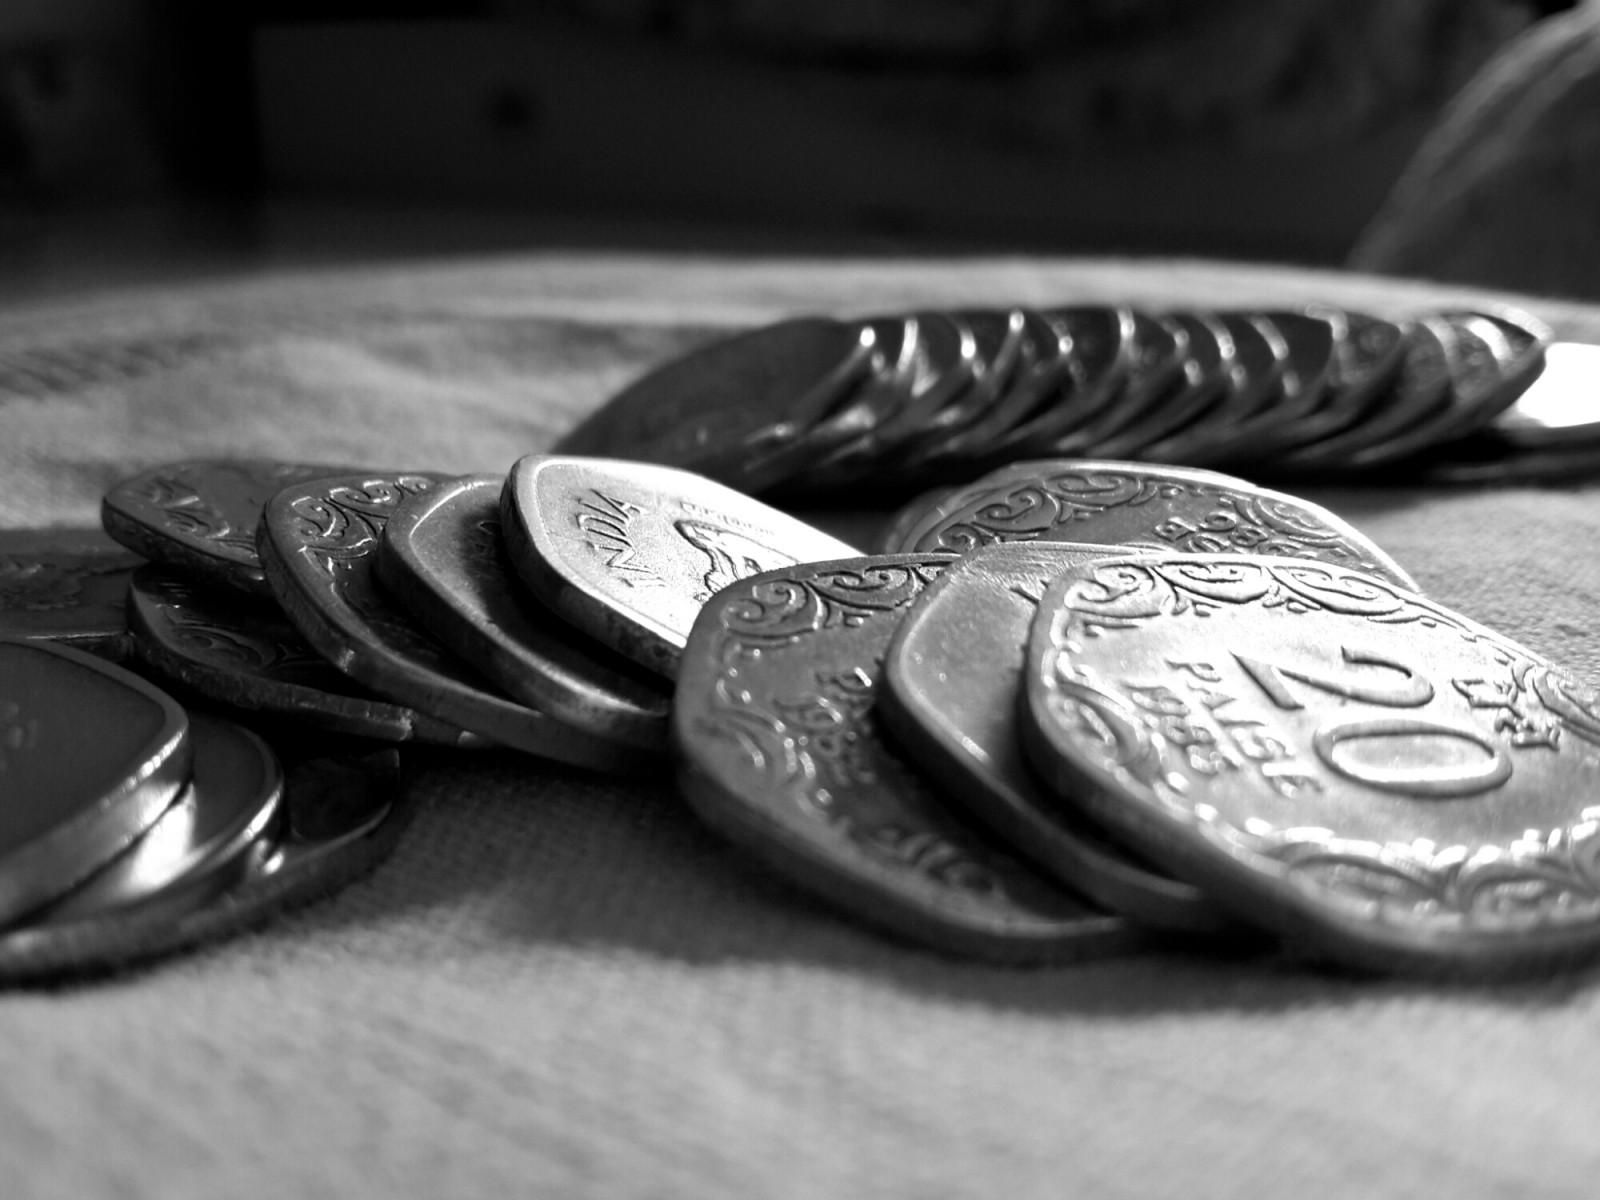 Monedas para meditar